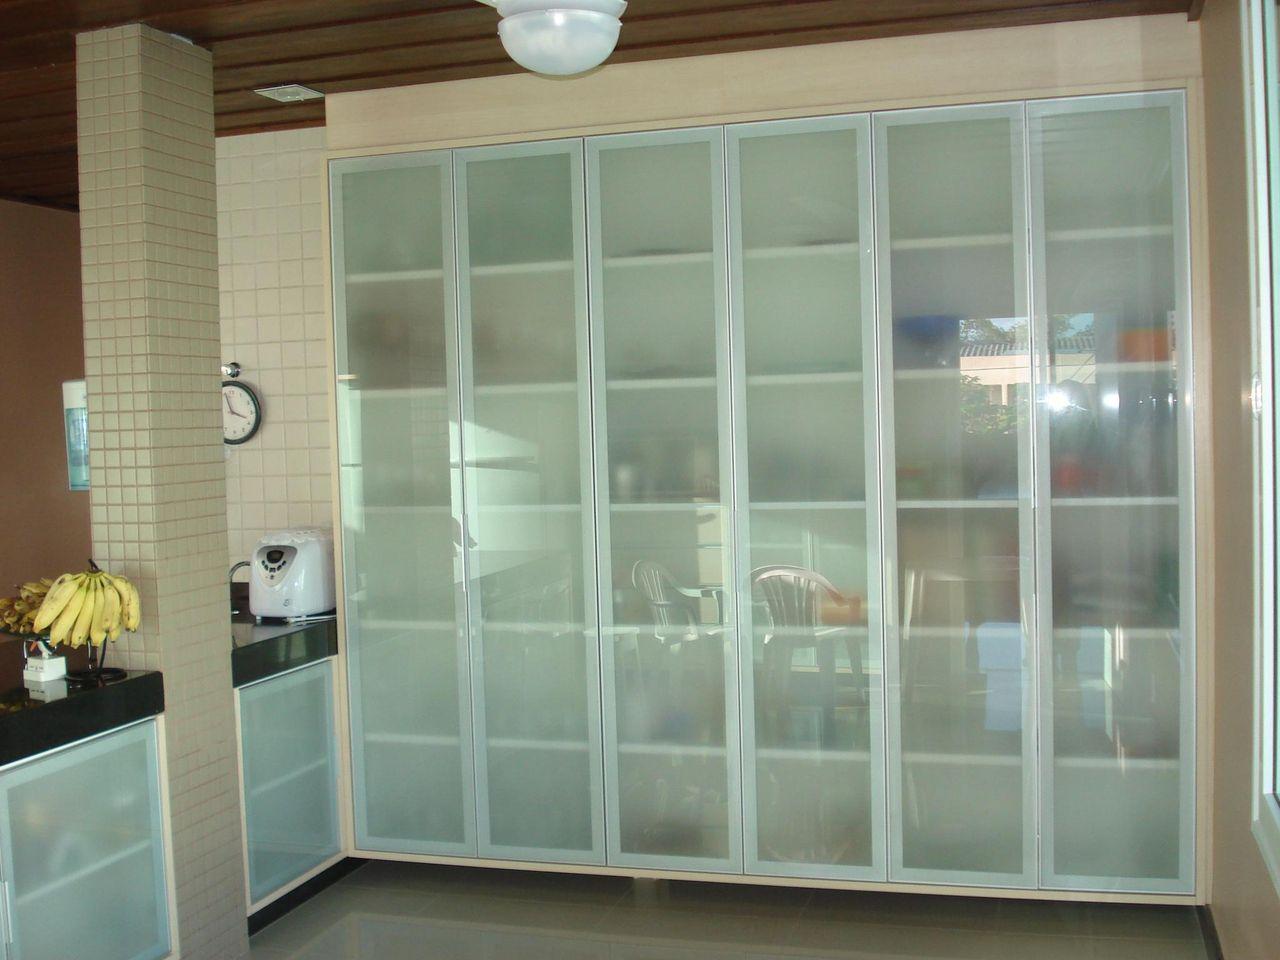 Armarios De Cozinha De Vidro : Wibamp vidro fume para armario de cozinha id?ias